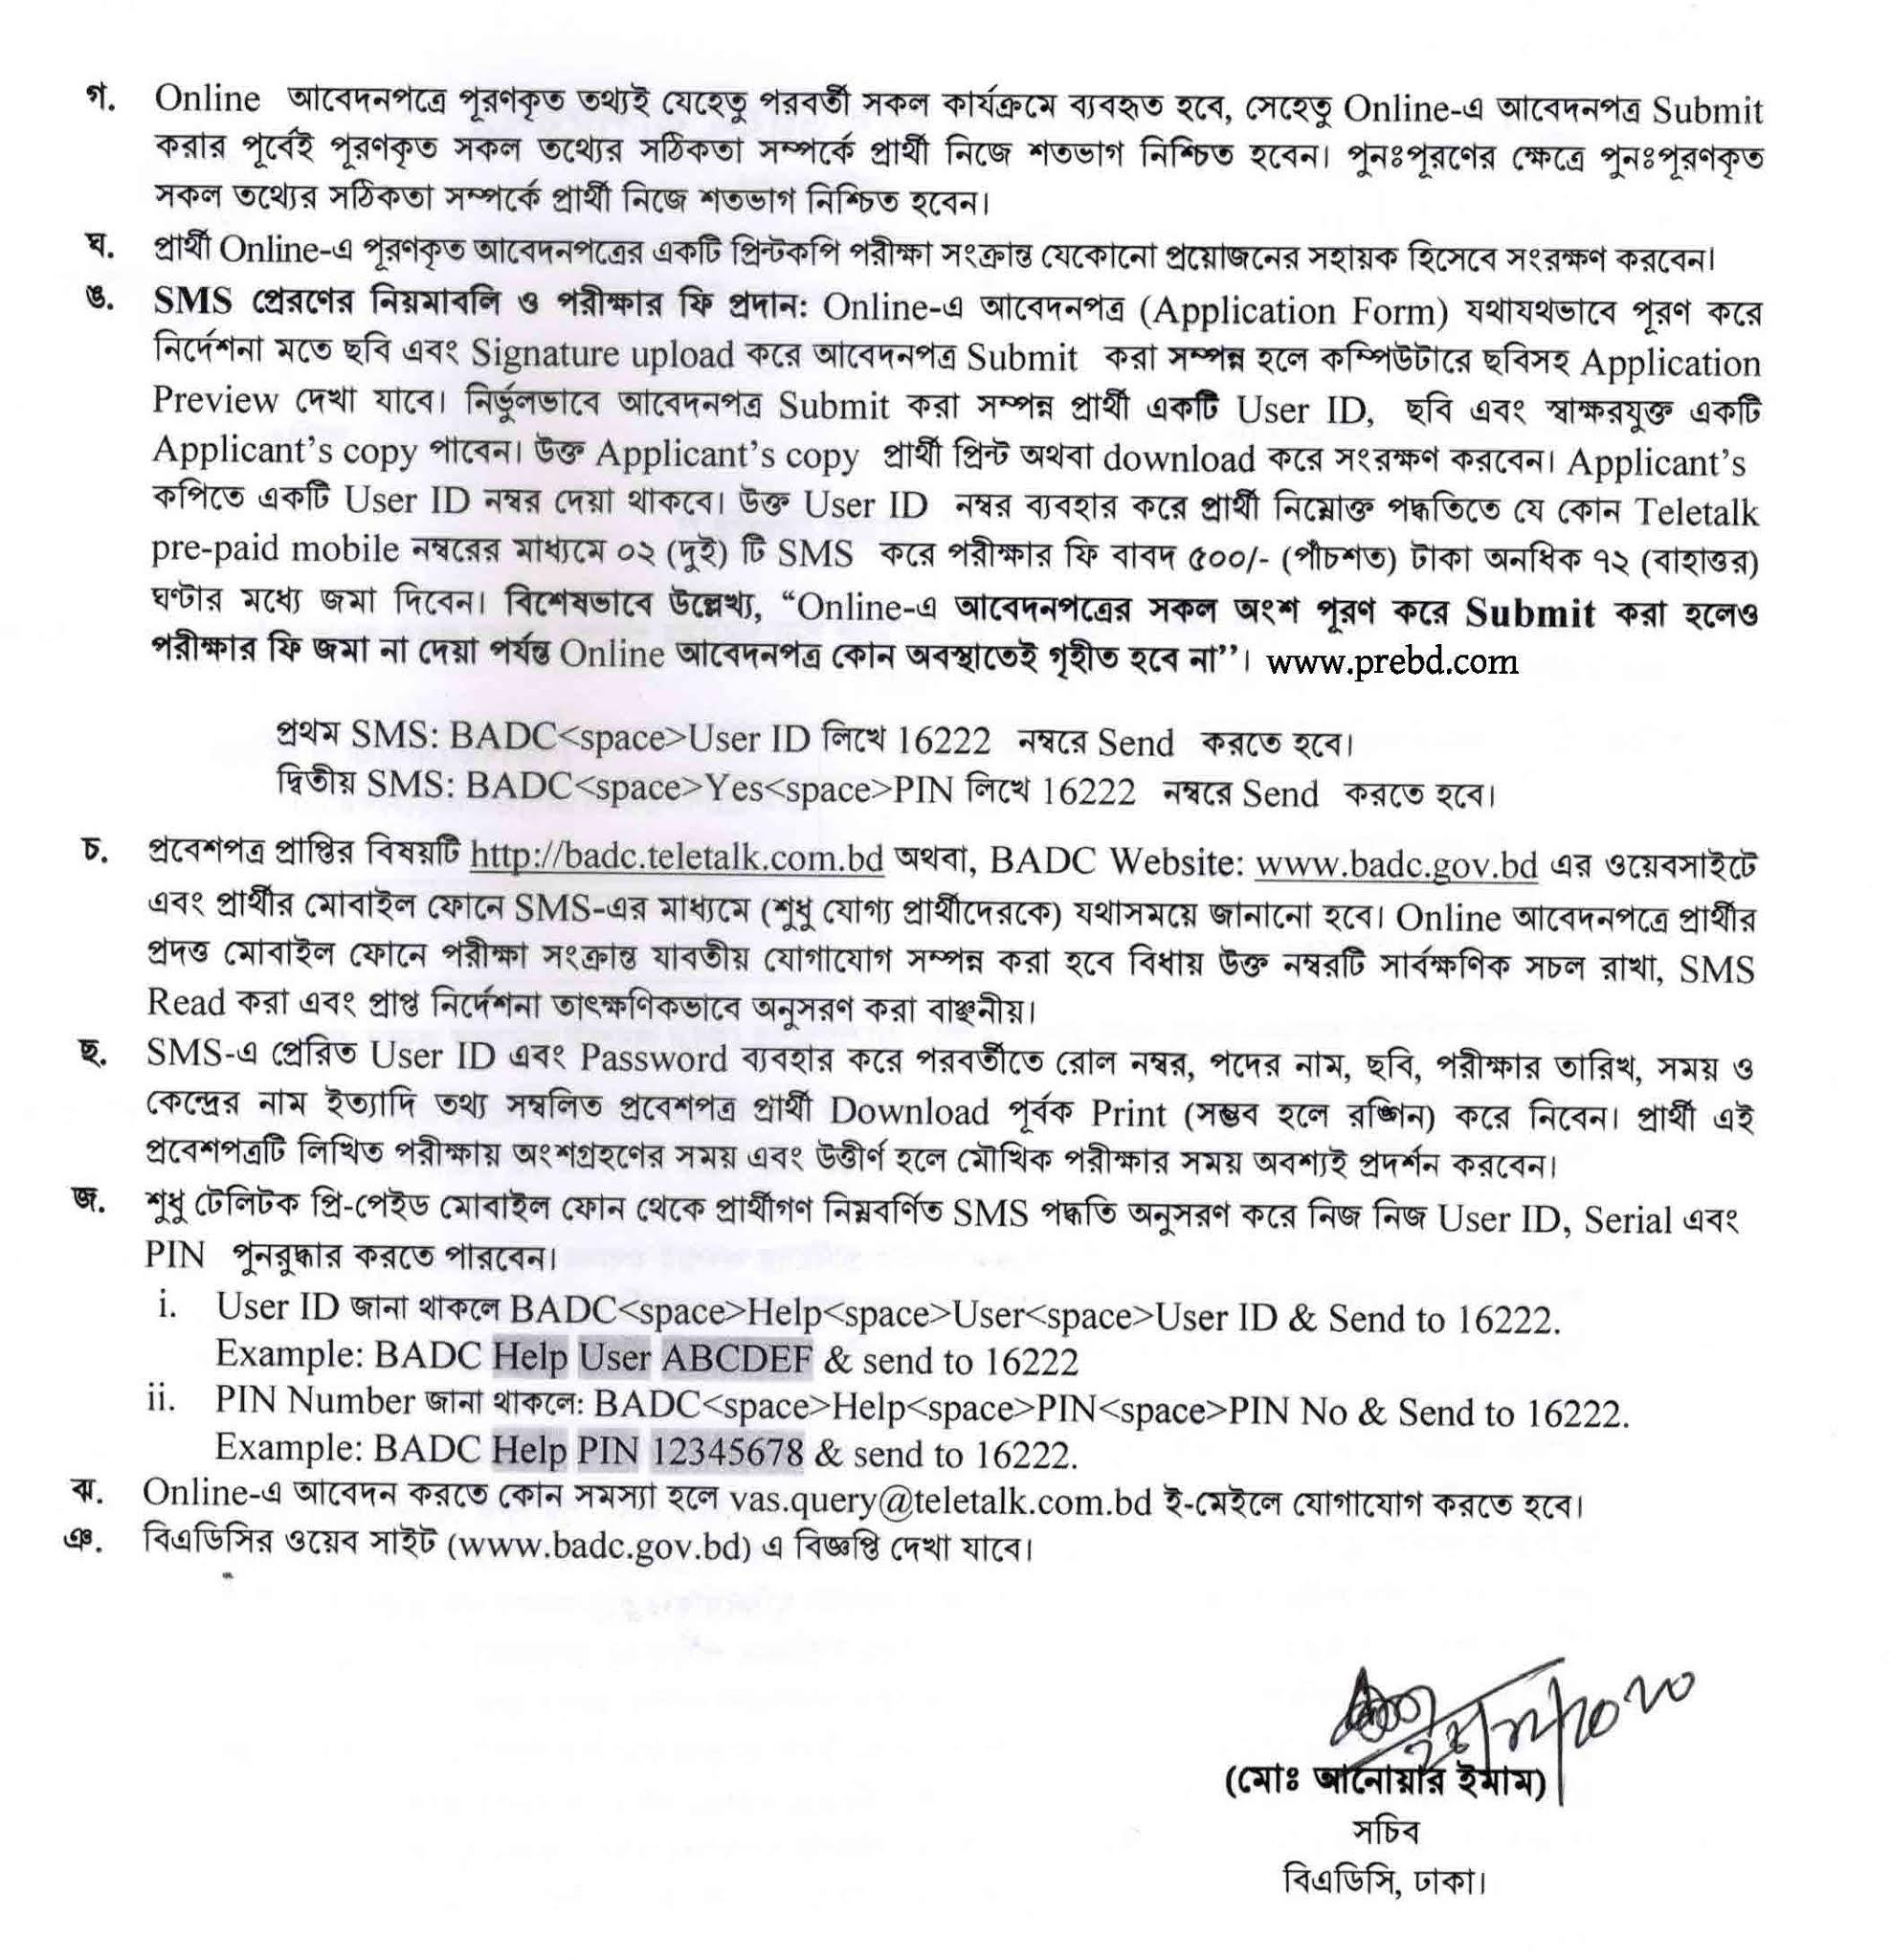 বাংলাদেশ কৃষি উন্নয়ন কর্পোরেশন (BADC) নিয়োগ বিজ্ঞপ্তি ২০২১   www.badc.gov.bd Job Circular 2021